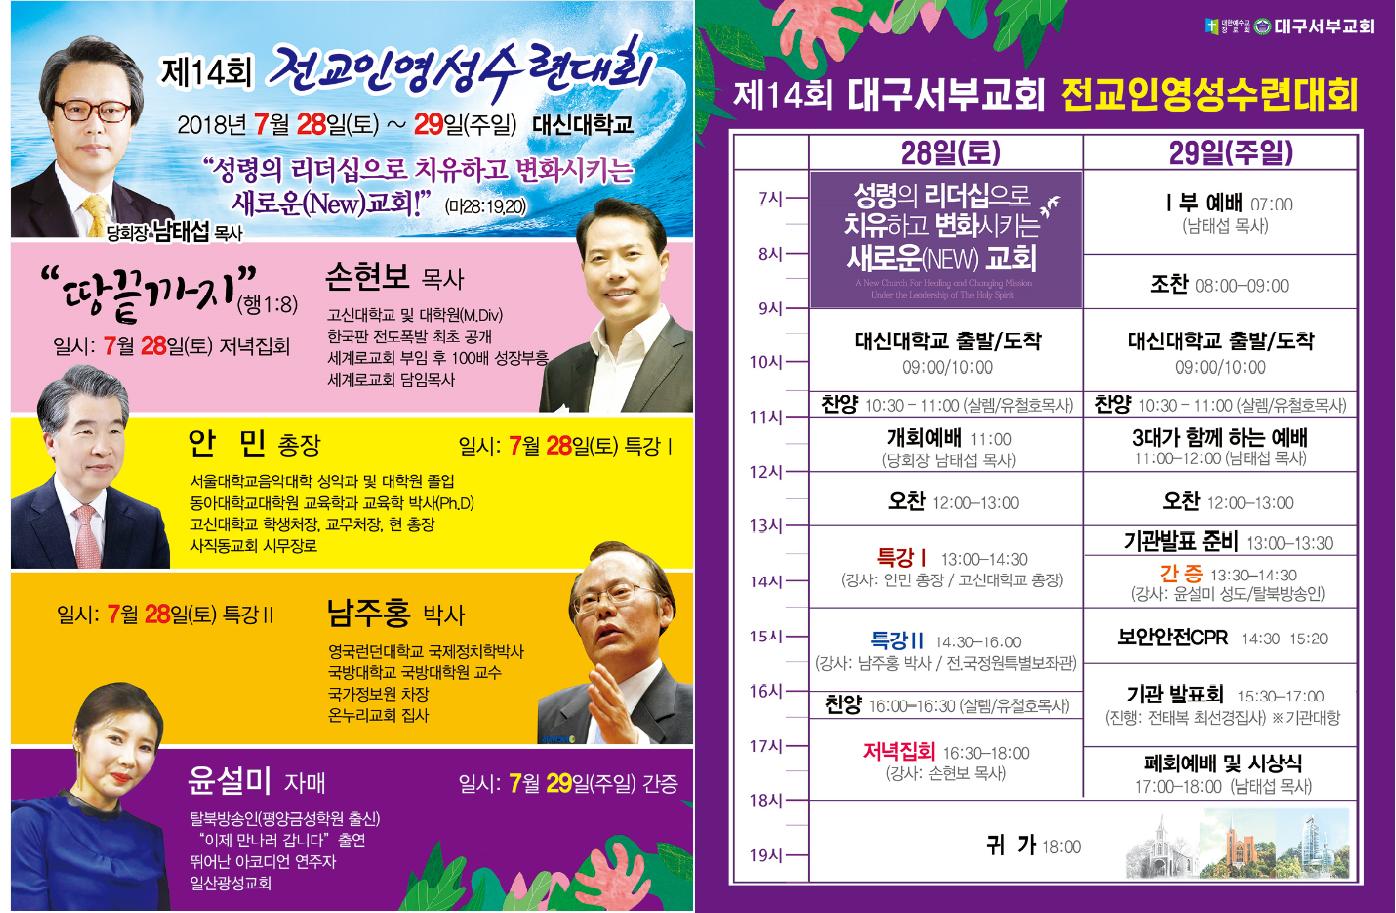 강사 시간표.png